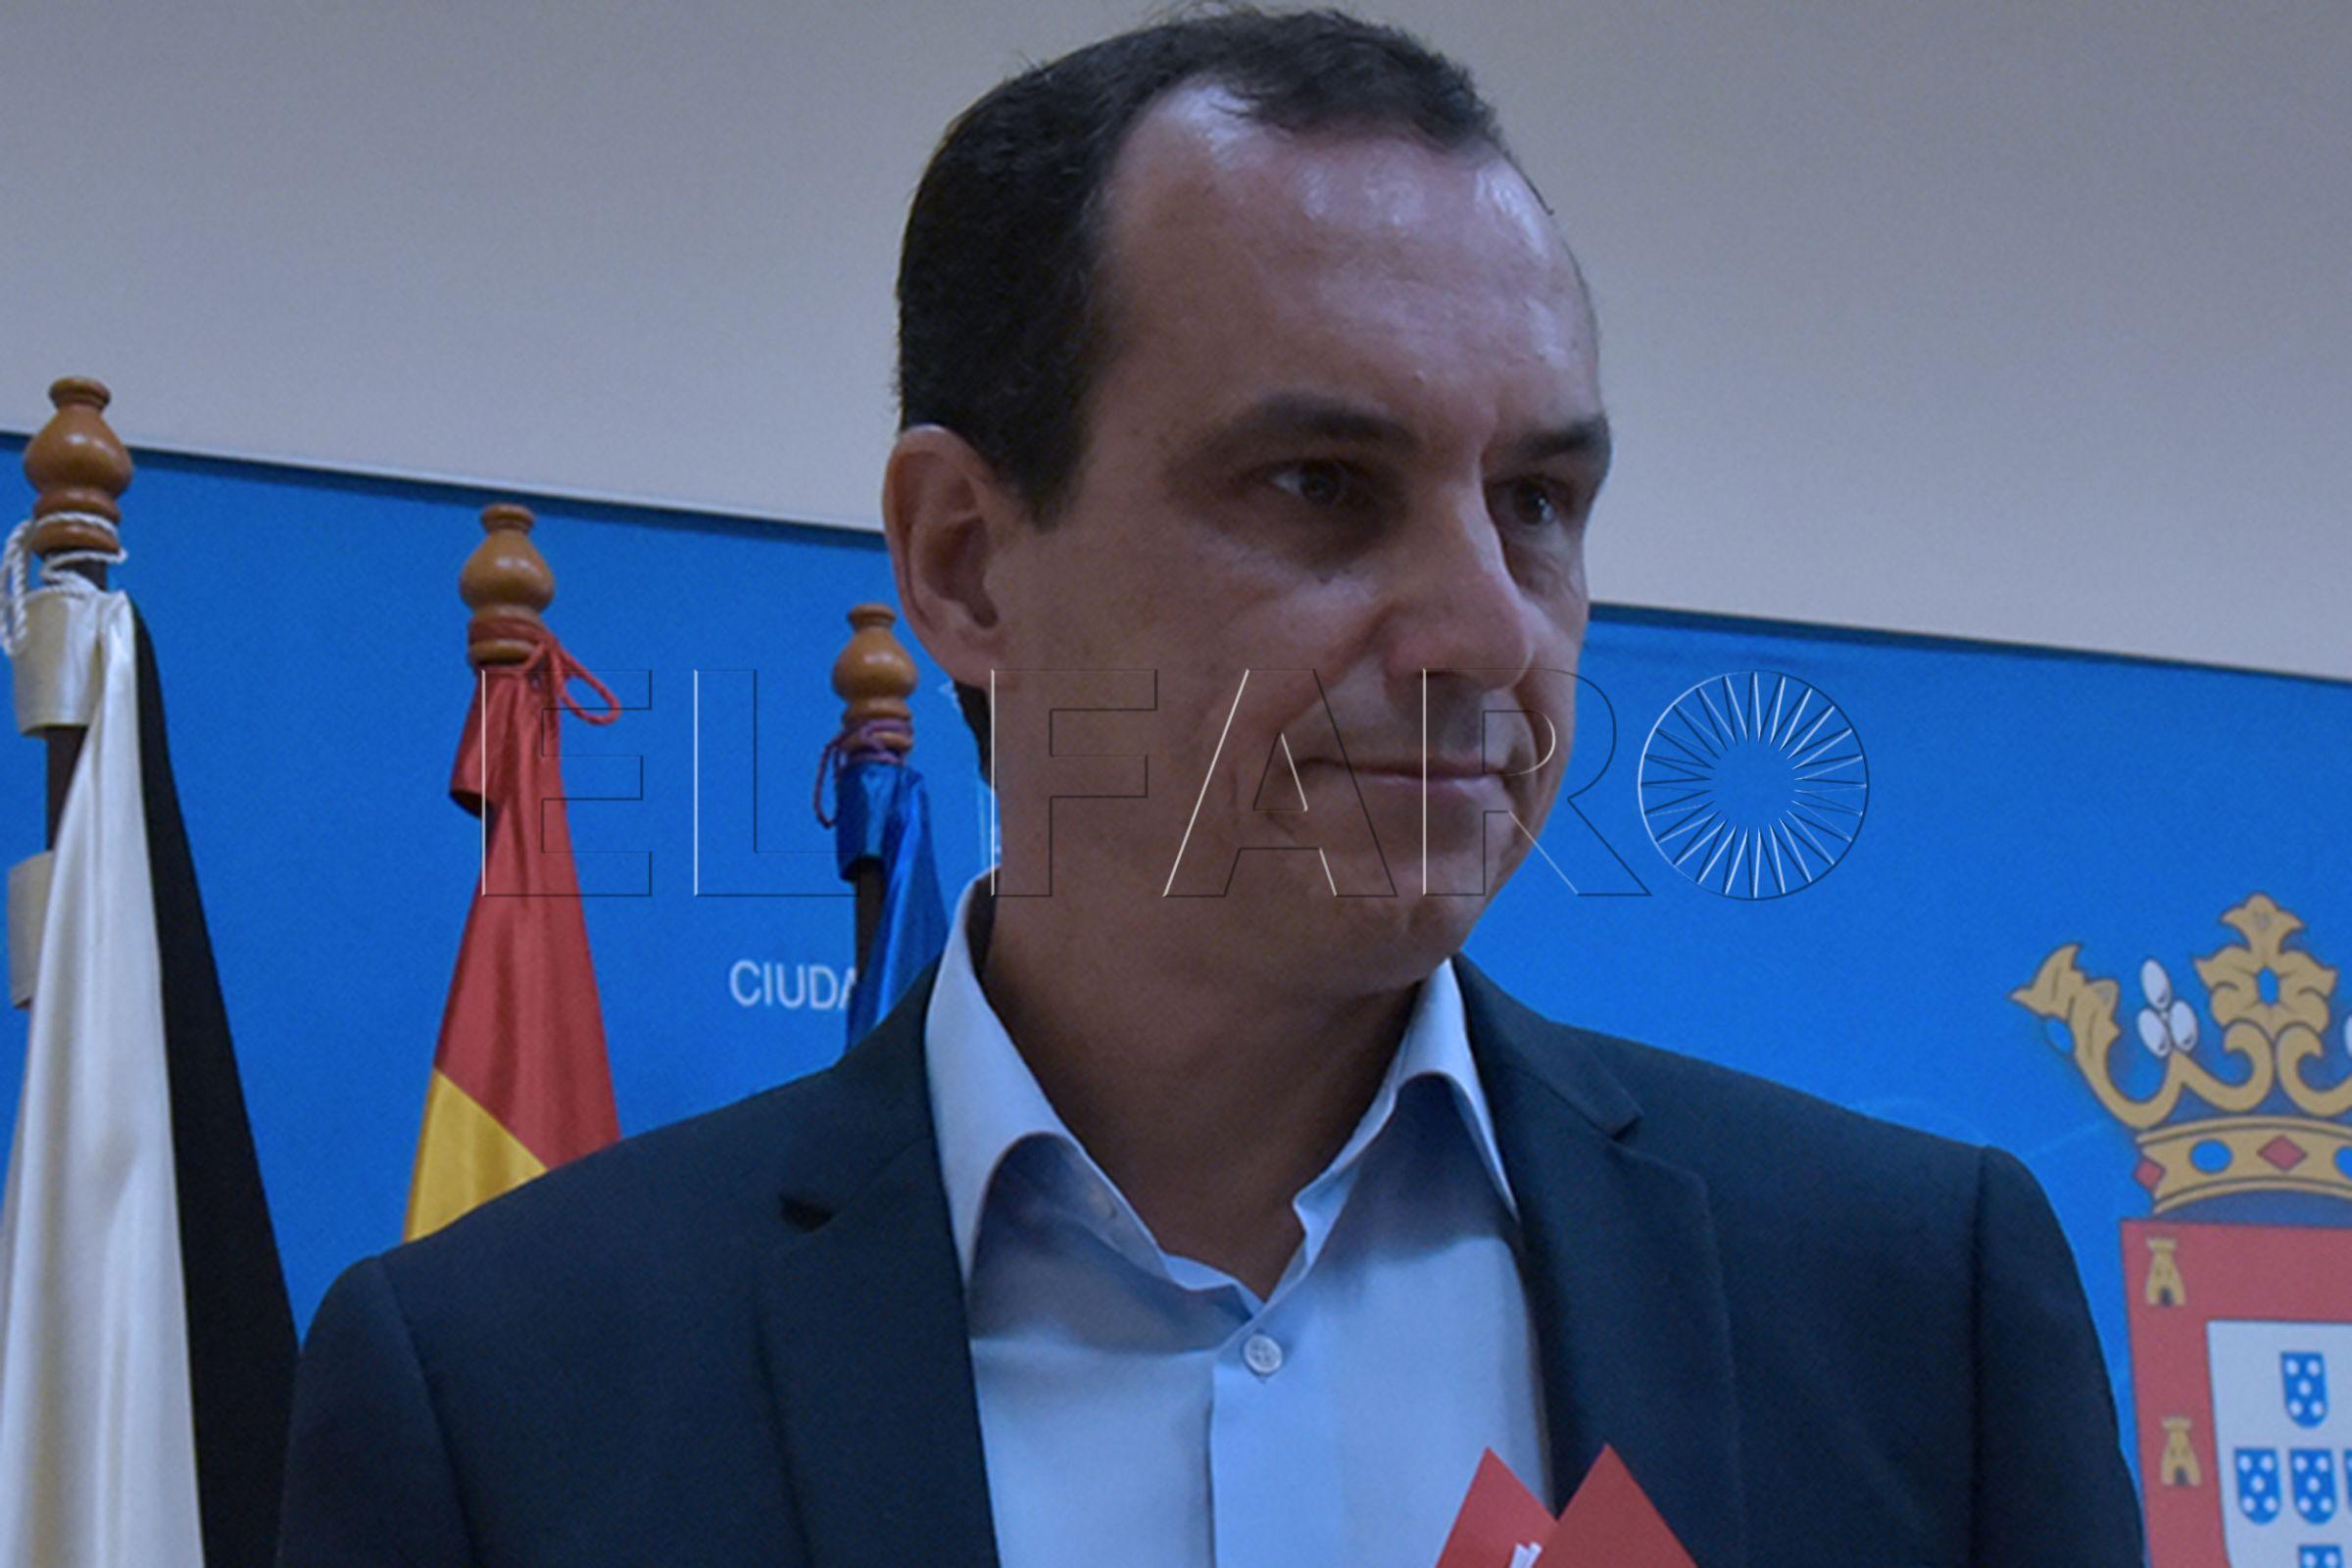 El PSOE advierte de que una moción de censura al secretario general tiene que ser refrendada por las bases